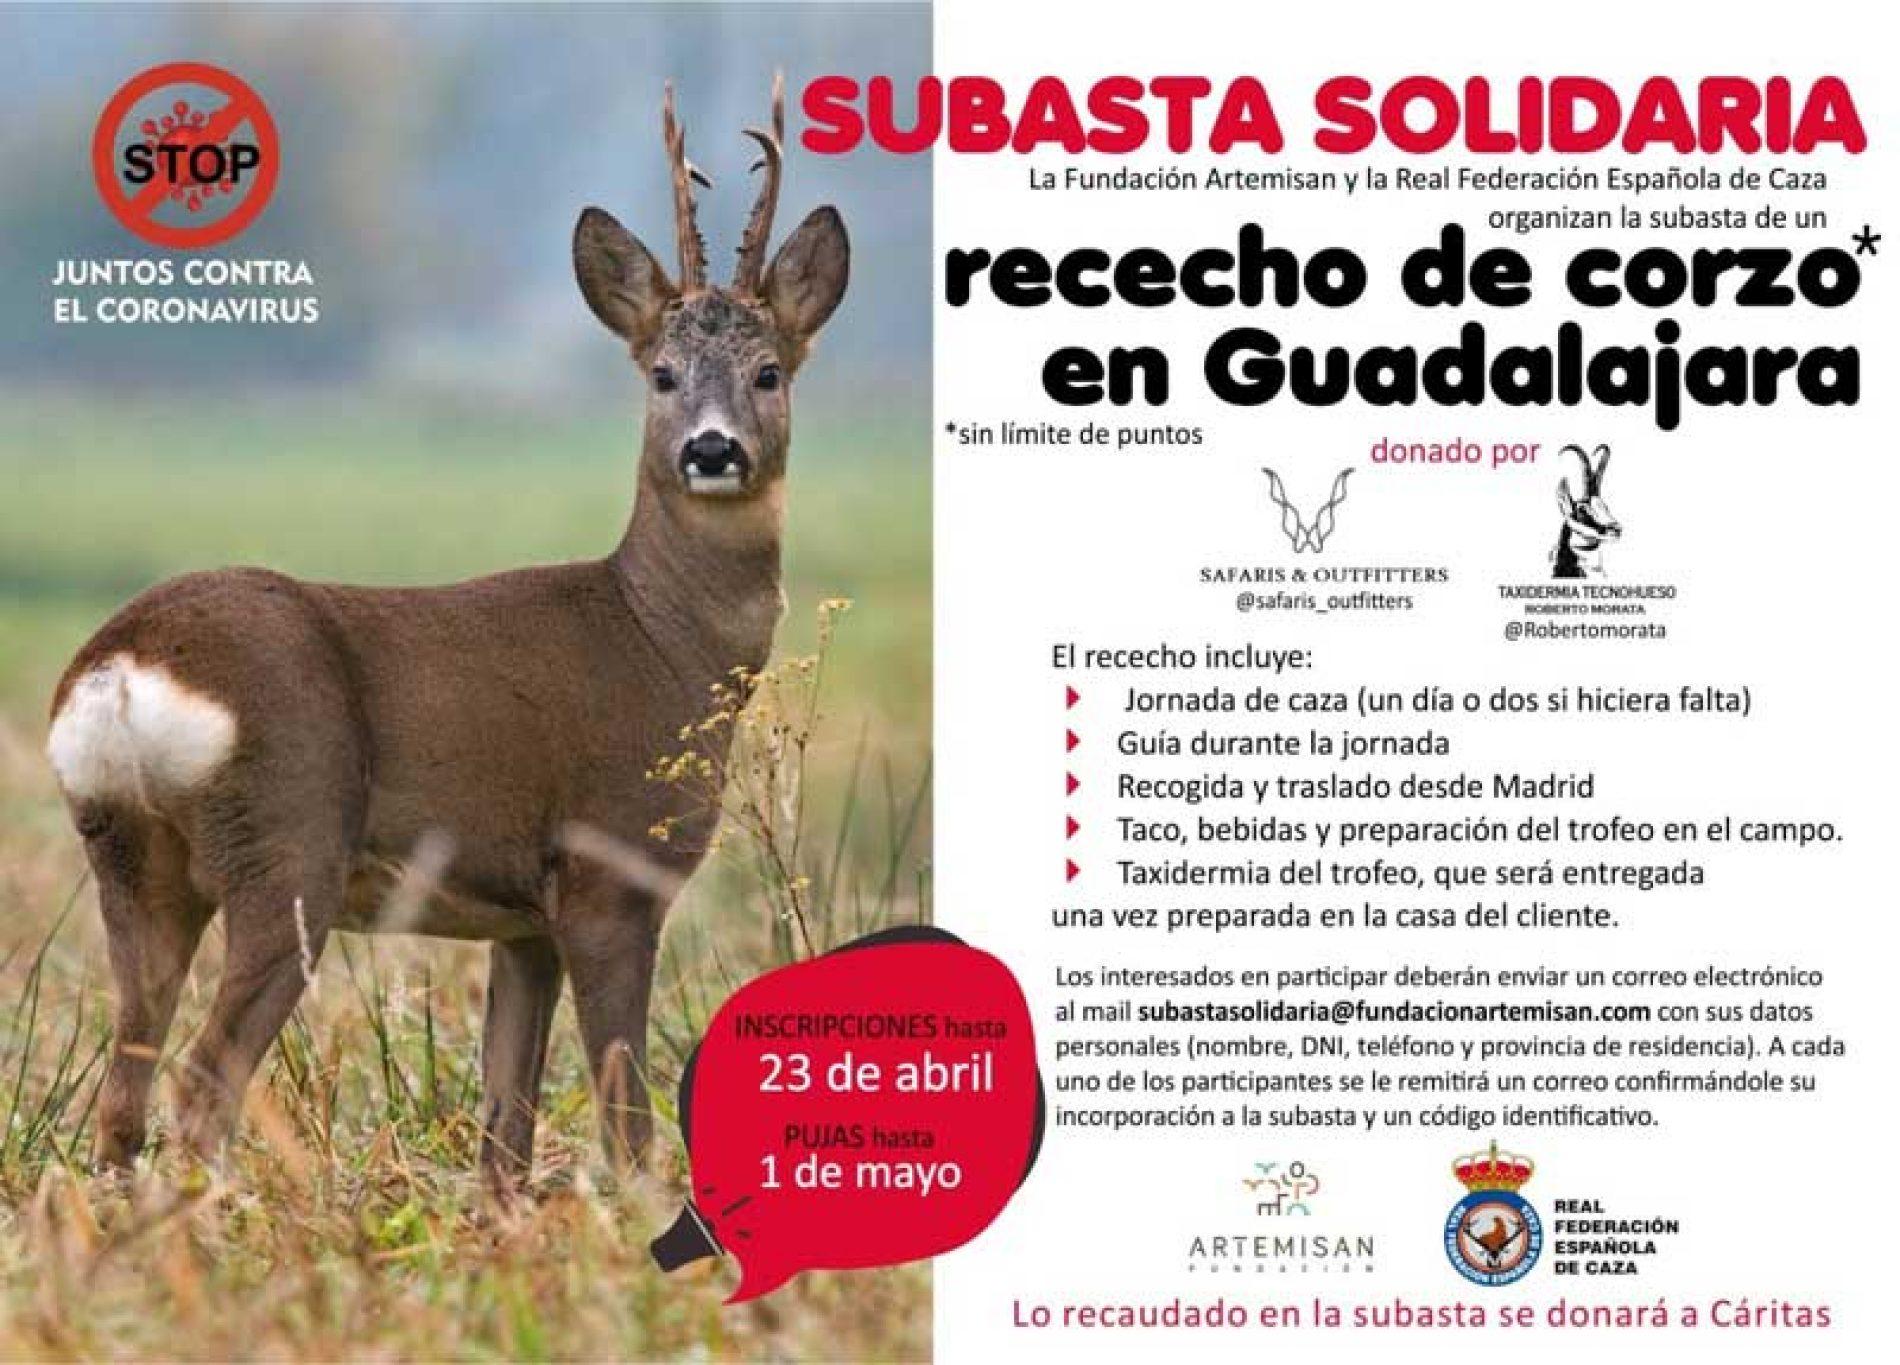 Fundación Artemisan subasta un rececho de corzo cuya recaudación se destinará a la campaña solidaria lanzada con la RFEC